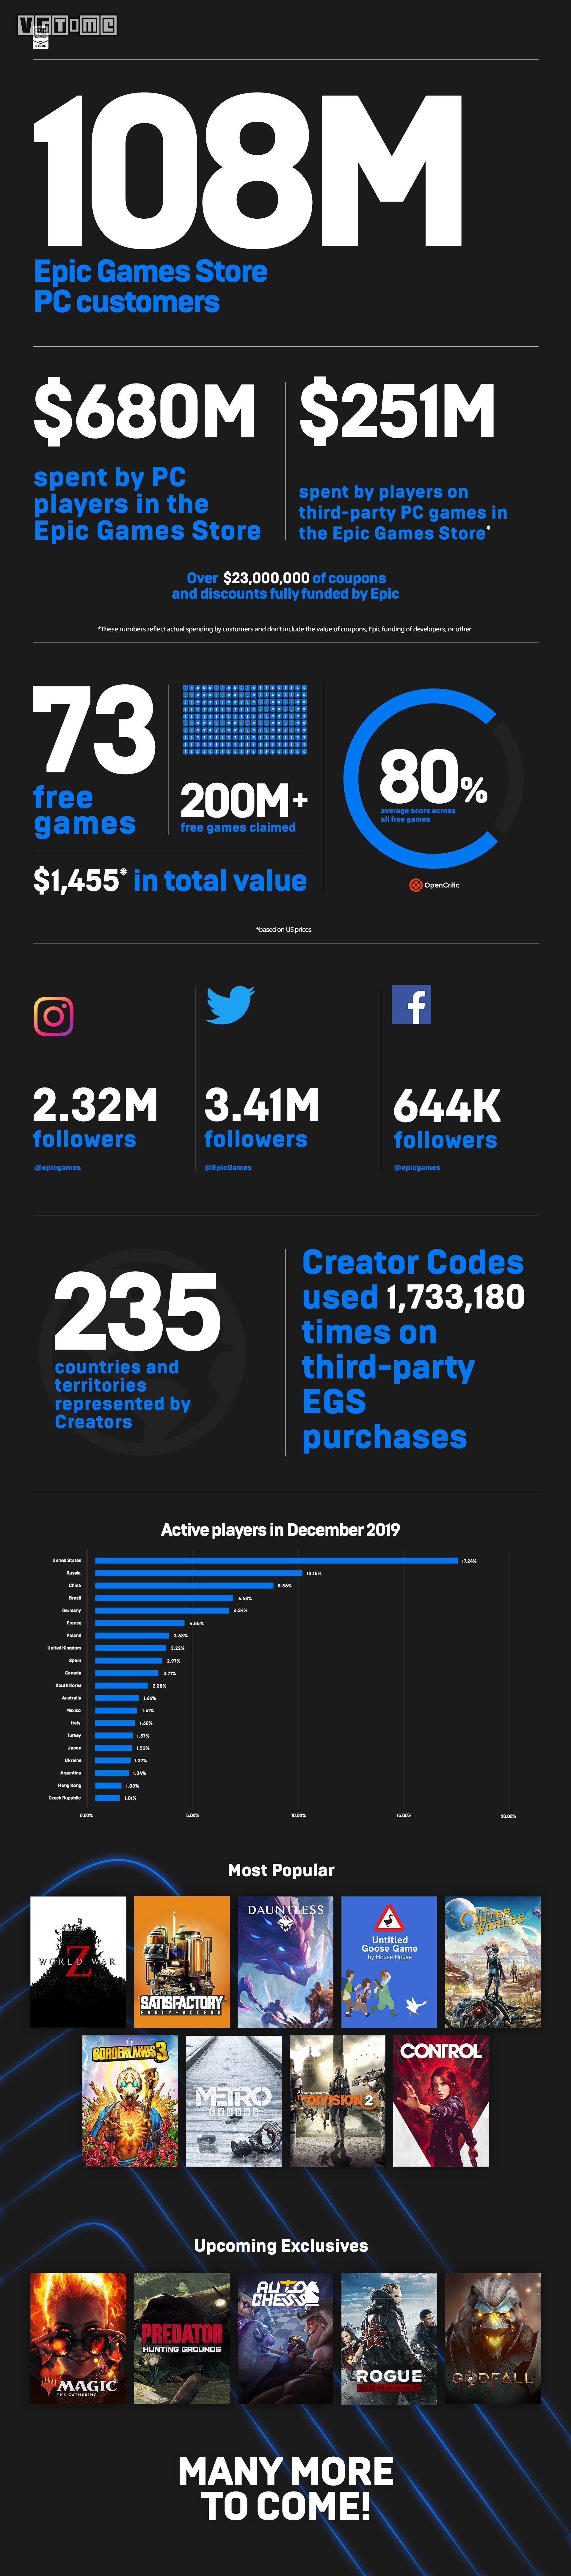 EGS已擁有1.08億消費者 今年將繼續獨占和送游戲